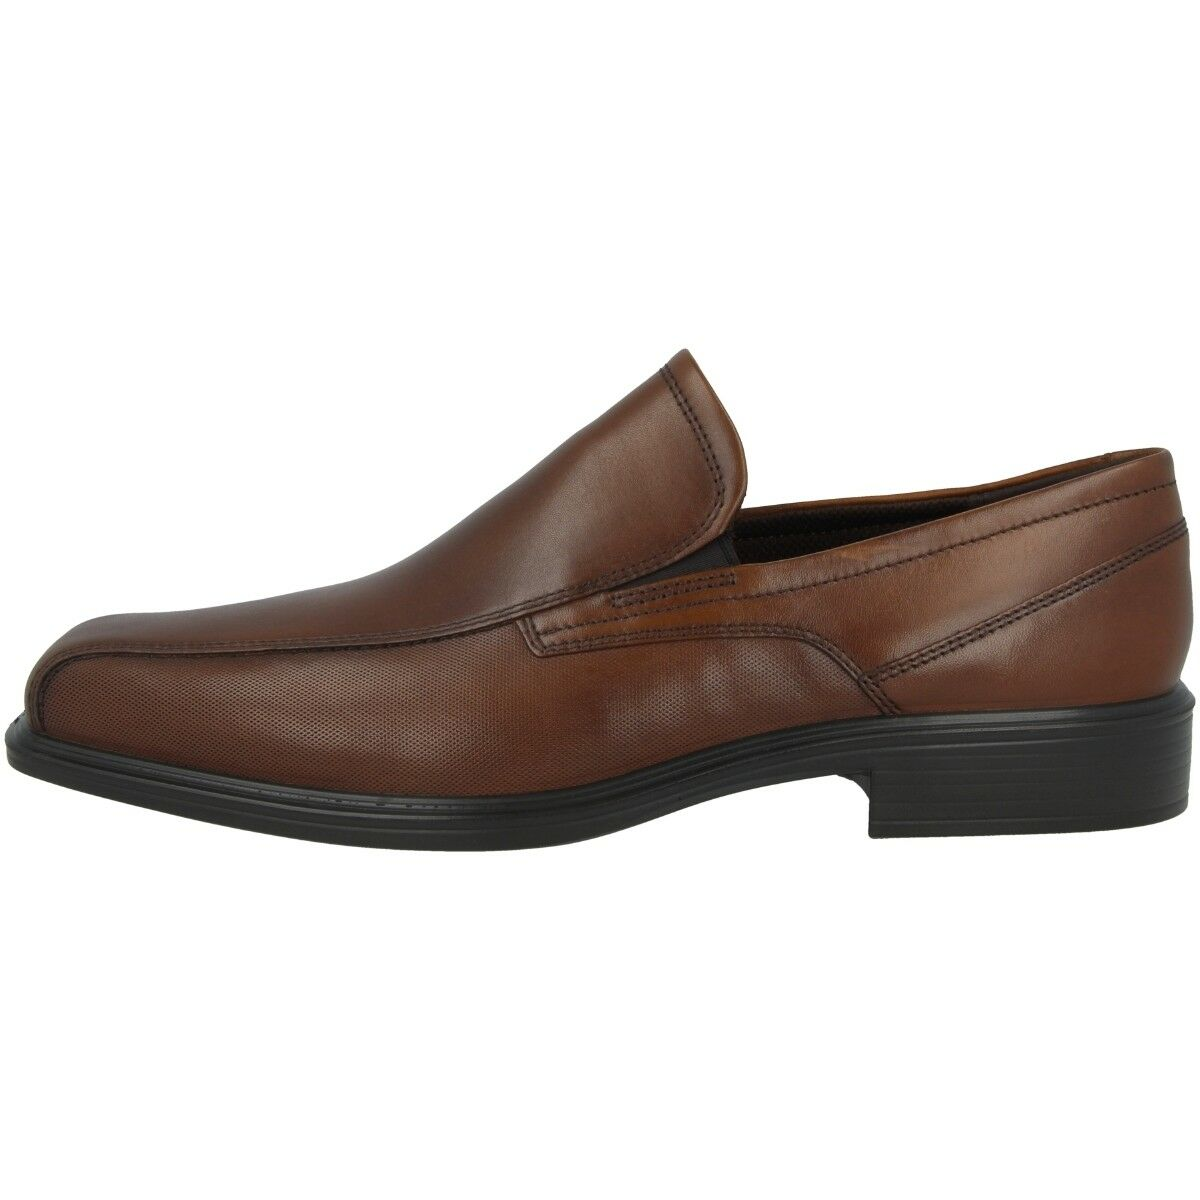 Ecco Johannesburg Men Schuhe Herren Halbschuhe Business cognac 623514-01053